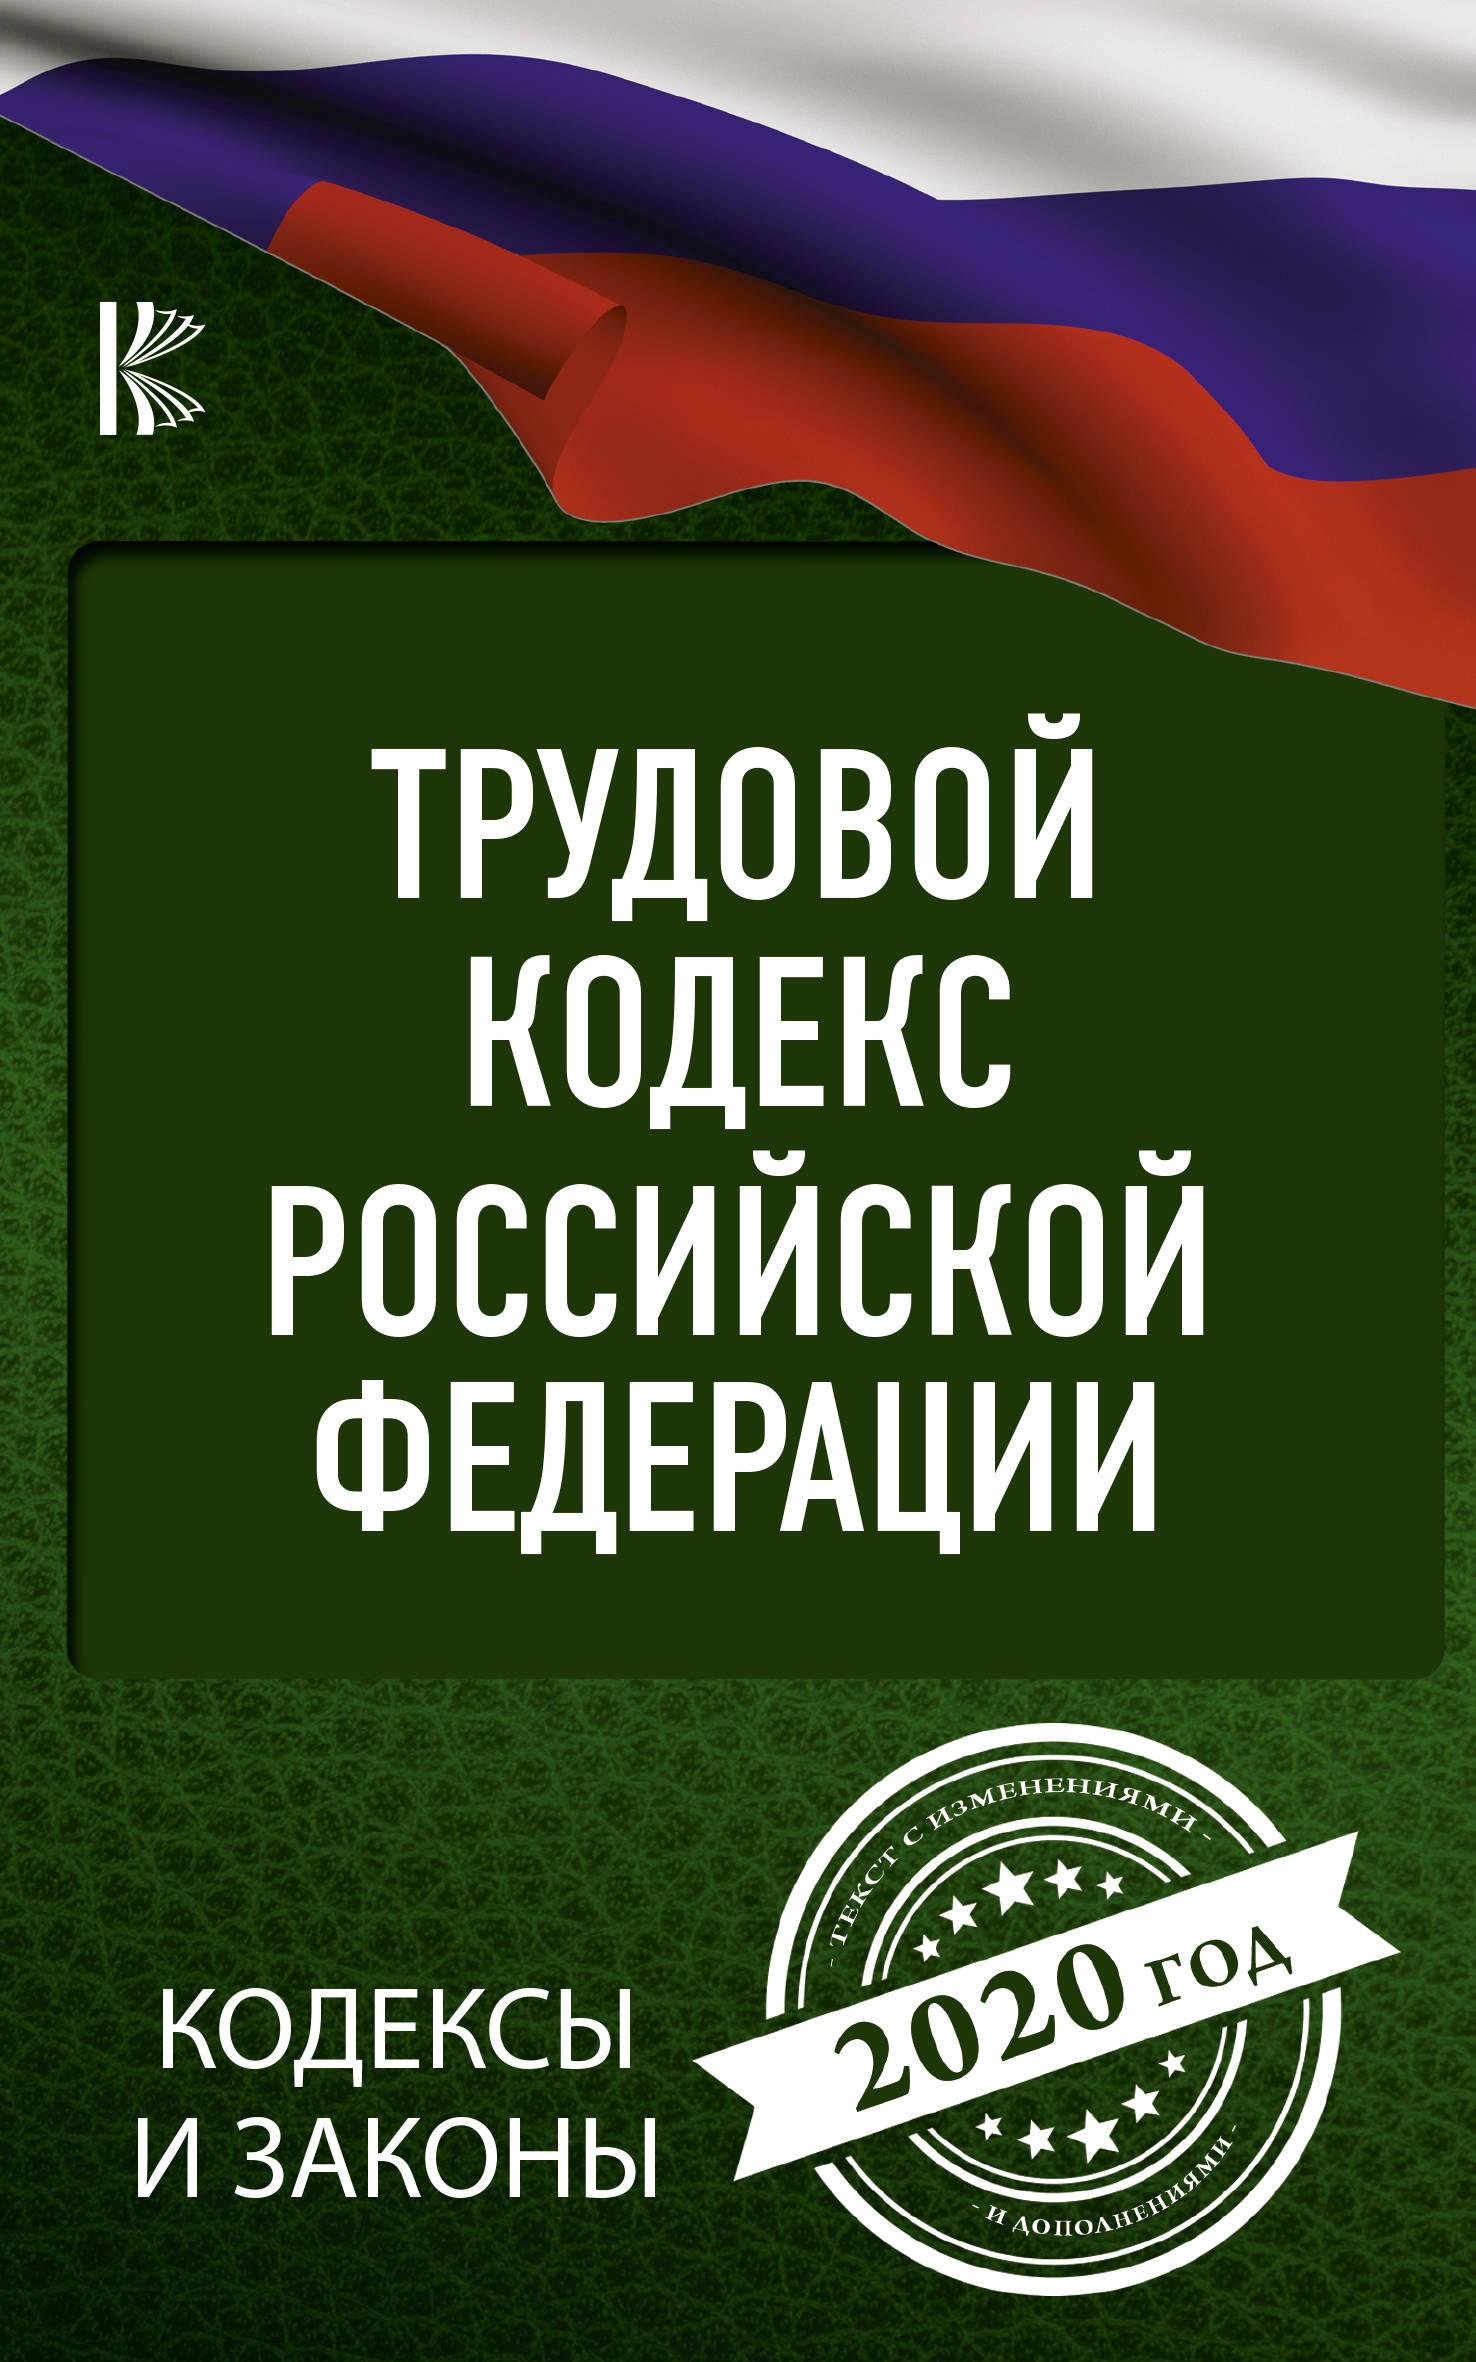 Trudovoj Kodeks Rossijskoj Federatsii na 2020 god